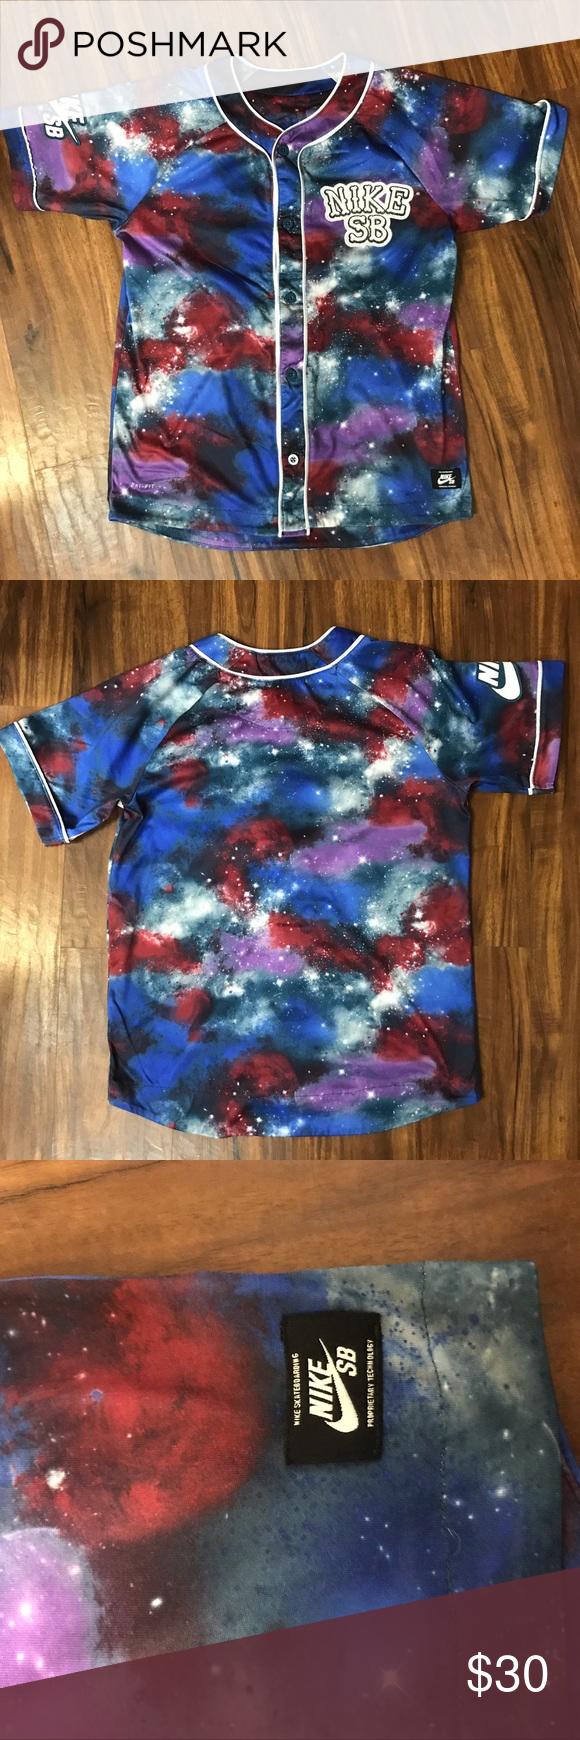 Nike SB Galaxy Baseball Jersey Shirt Size L 12-13 GUC Some ...